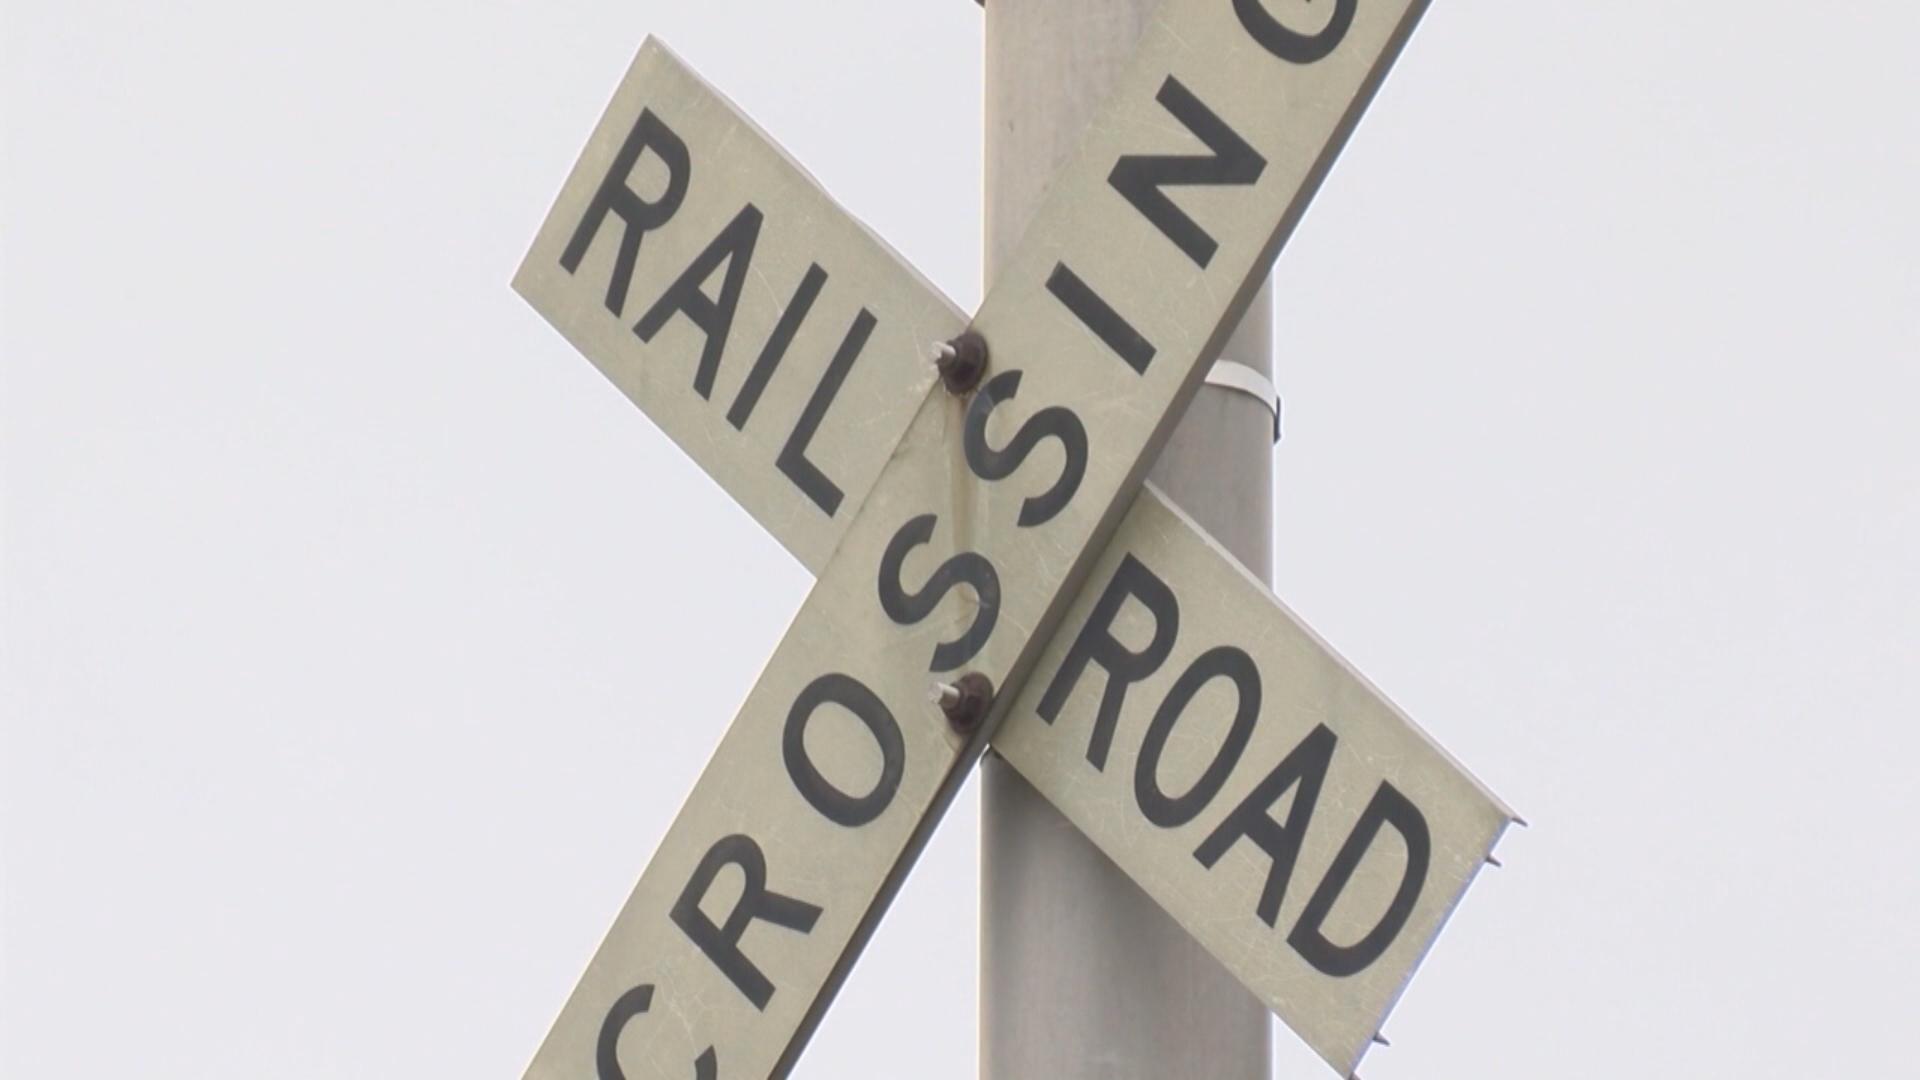 railroad crossing_1549318885987.jpg.jpg